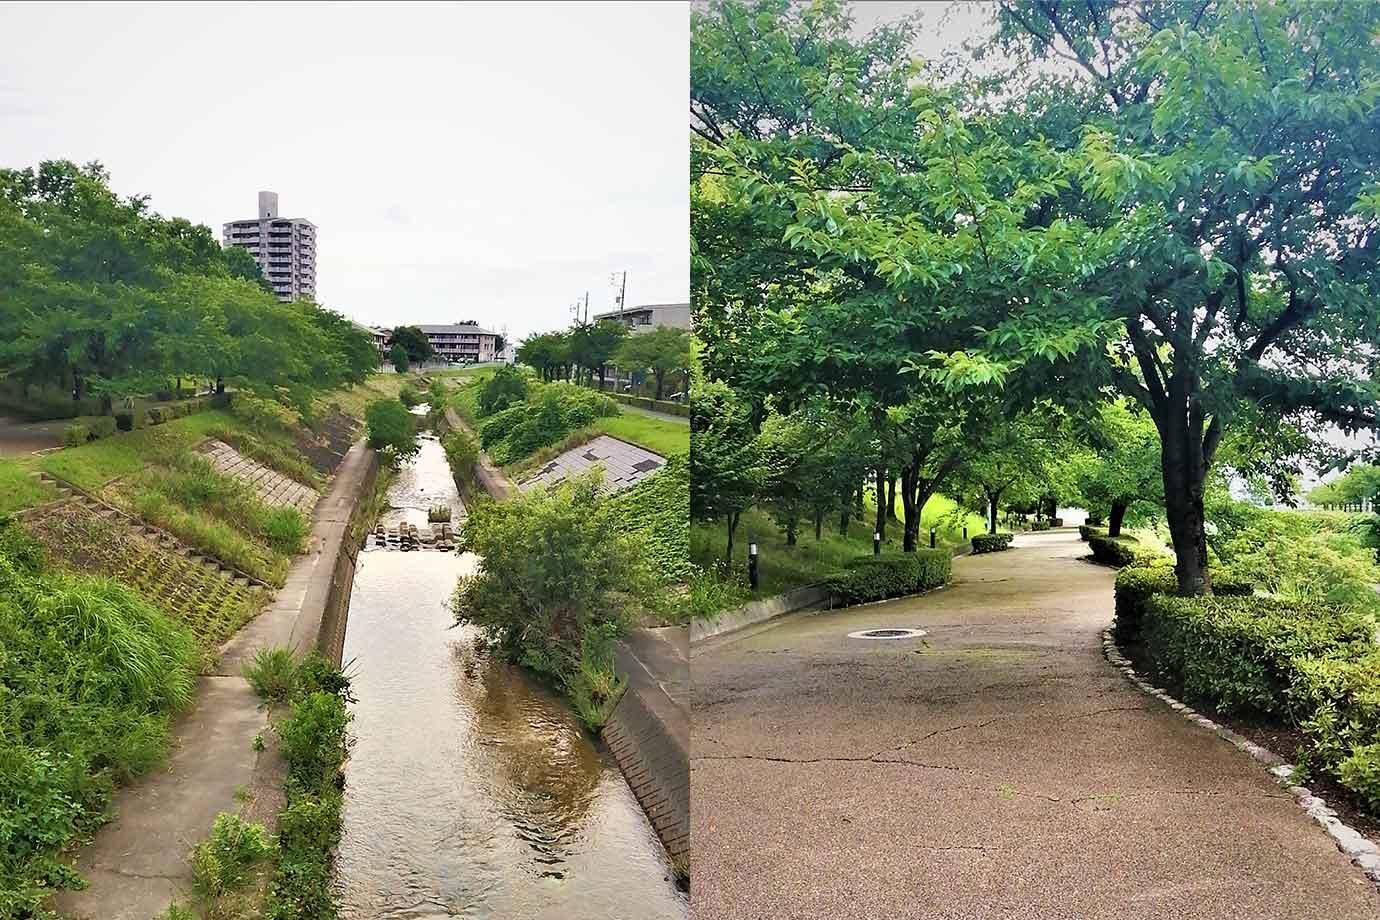 文化の家の北側には香流川が流れ、運が良ければこの時期、鴨の親子連れを見られるかも…、香流川沿いの緑道は 素敵なお散歩コース、秋は落ち葉が敷き詰められ、春には見事な桜のトンネルが出現します。